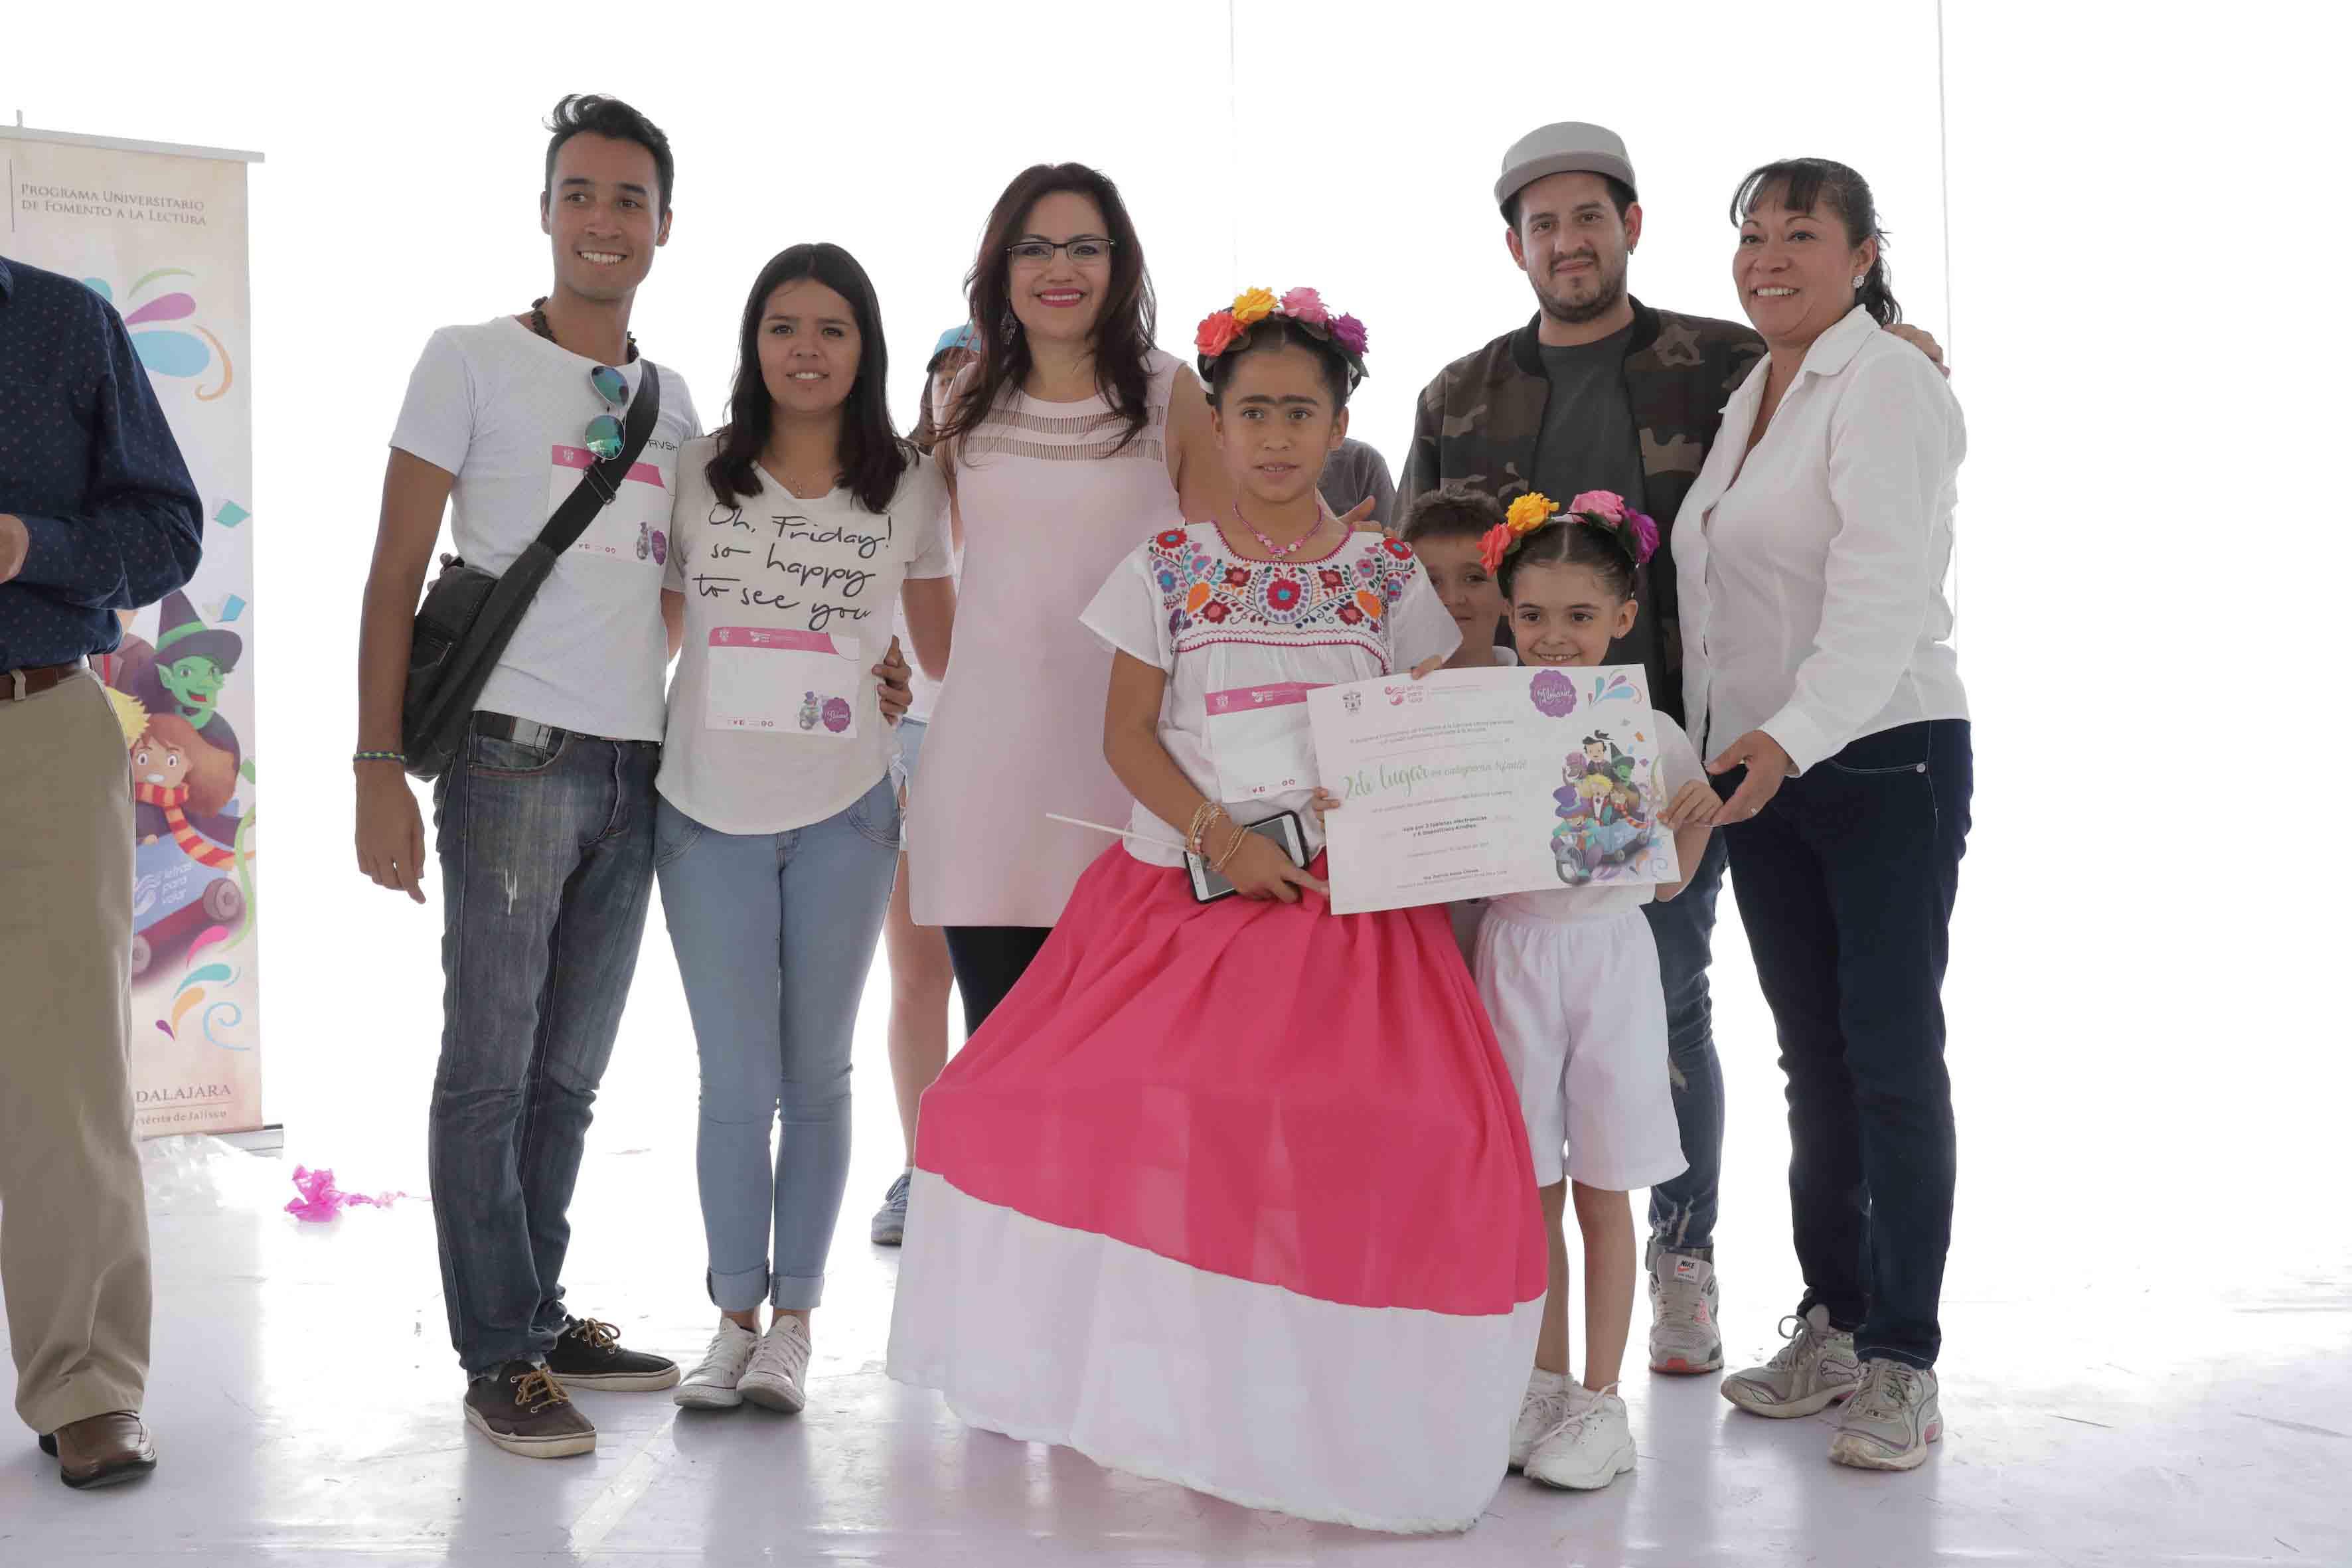 """Doctora Patricia Rosas Chávez, titular de la Coordinación de Innovación Educativa y Pregrado (CIEP), entregando premio de Segundo lugar a la obra """"Frida"""" de la Escuela Ramón López Velarde."""